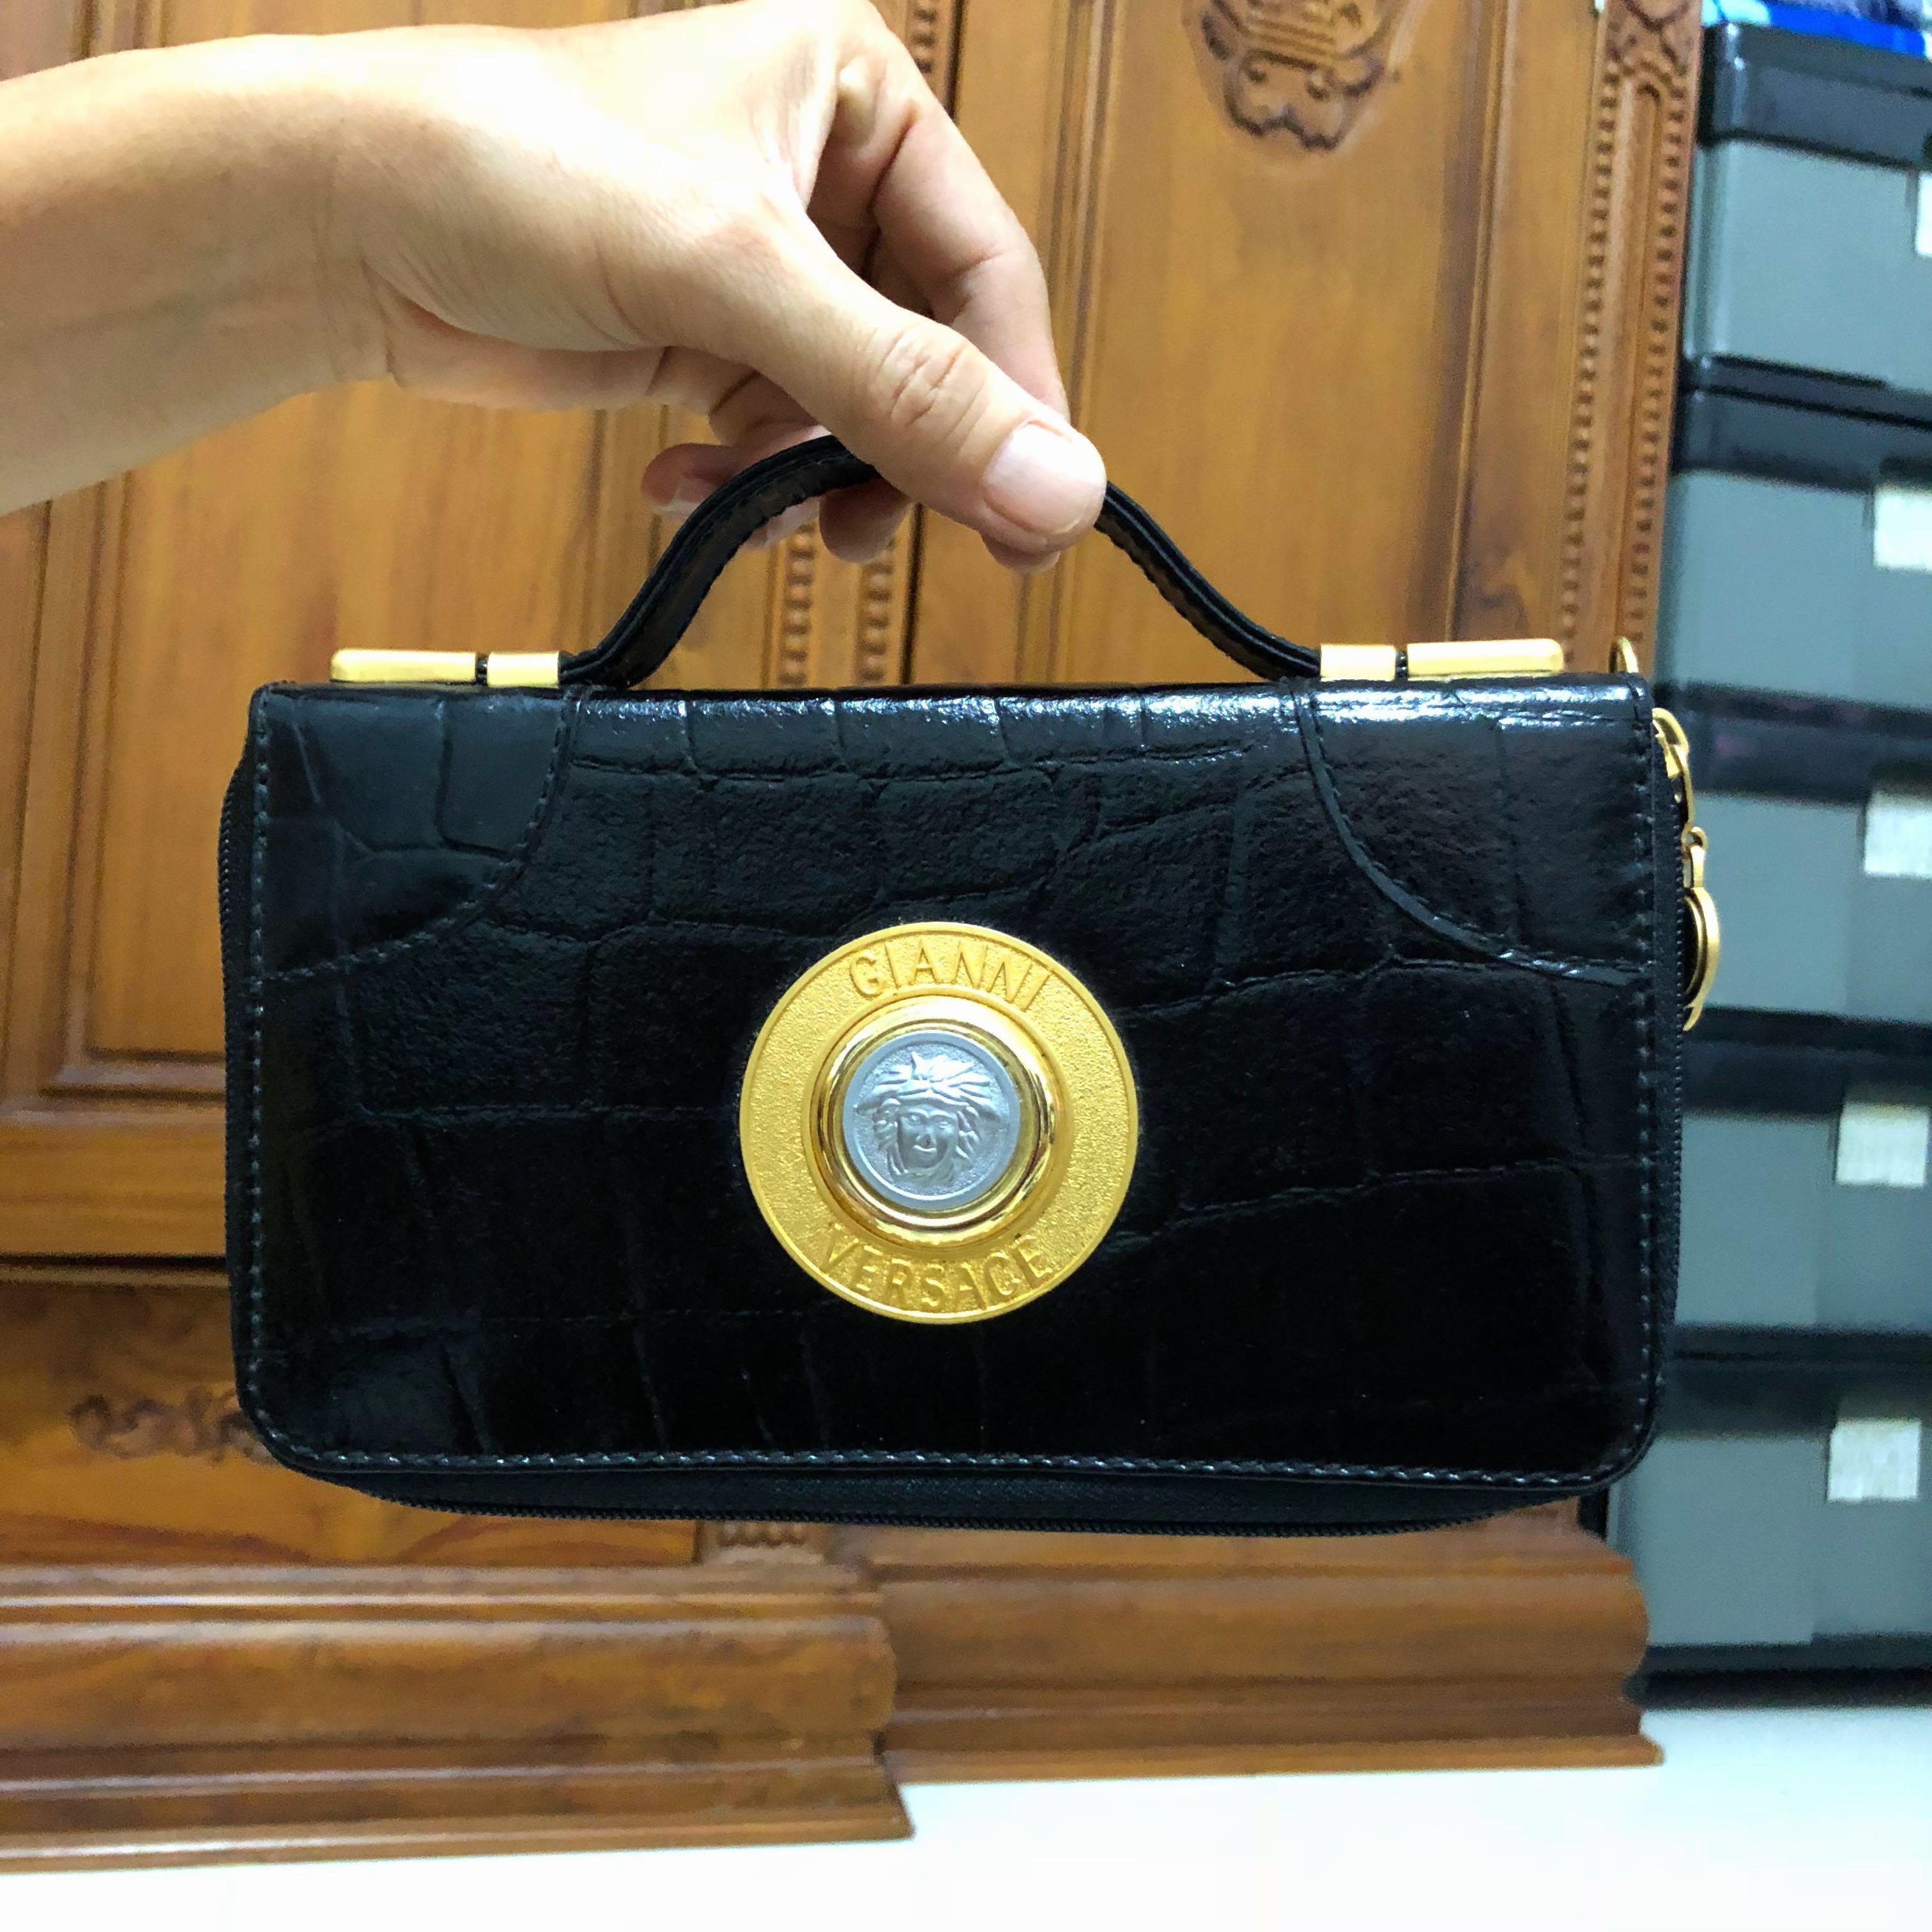 Vintage Authentic Gianni Versace Handbag Clutch 4108735177ee3